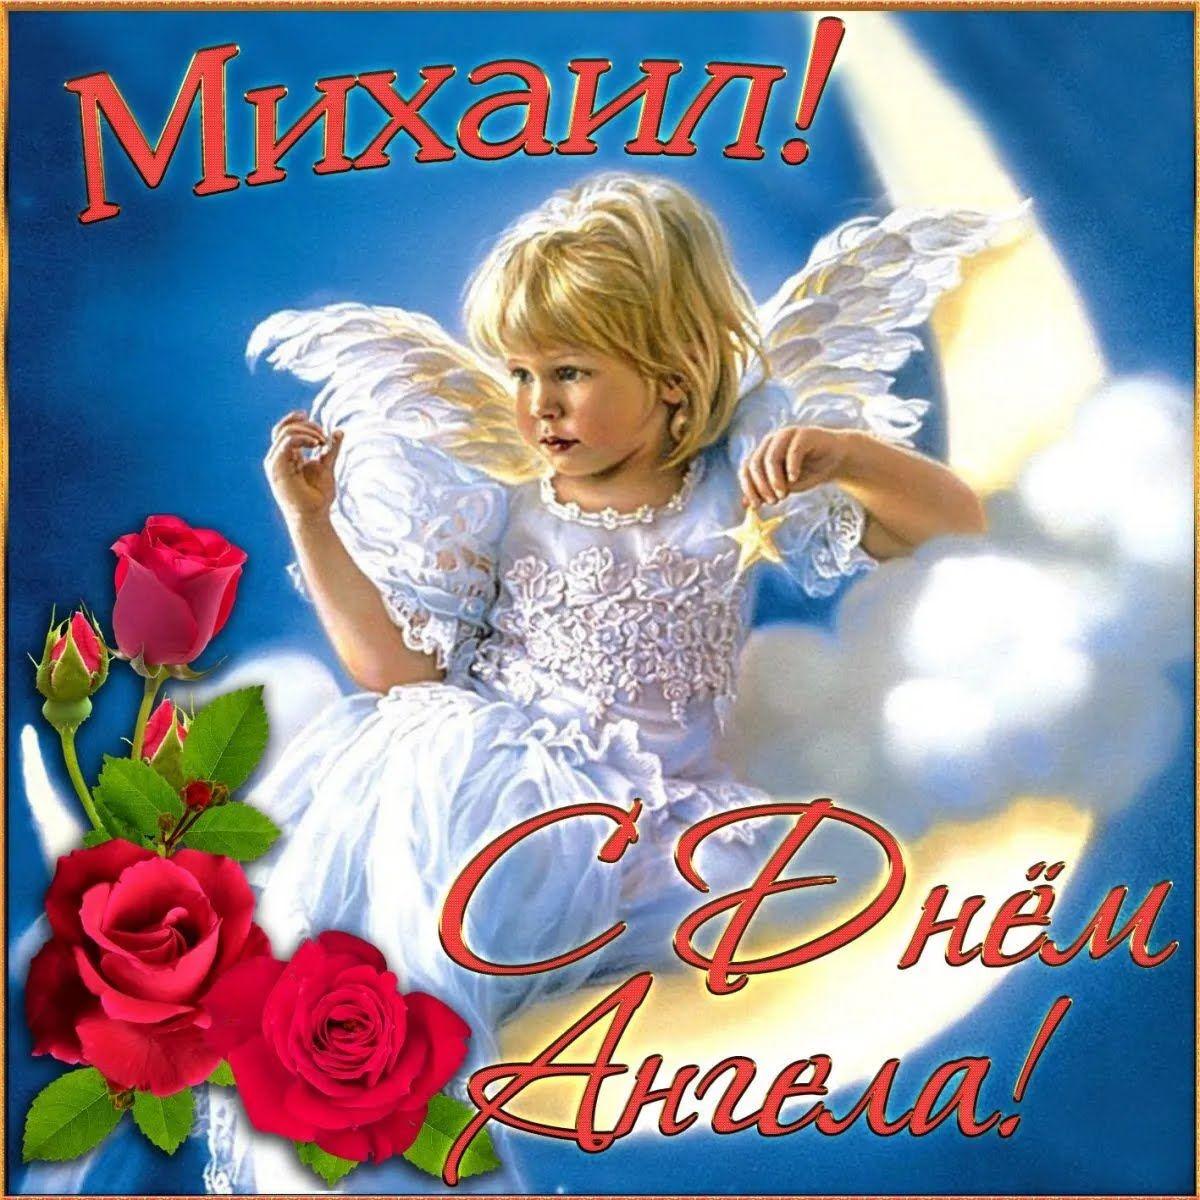 Листівка до Дня ангела Михайла